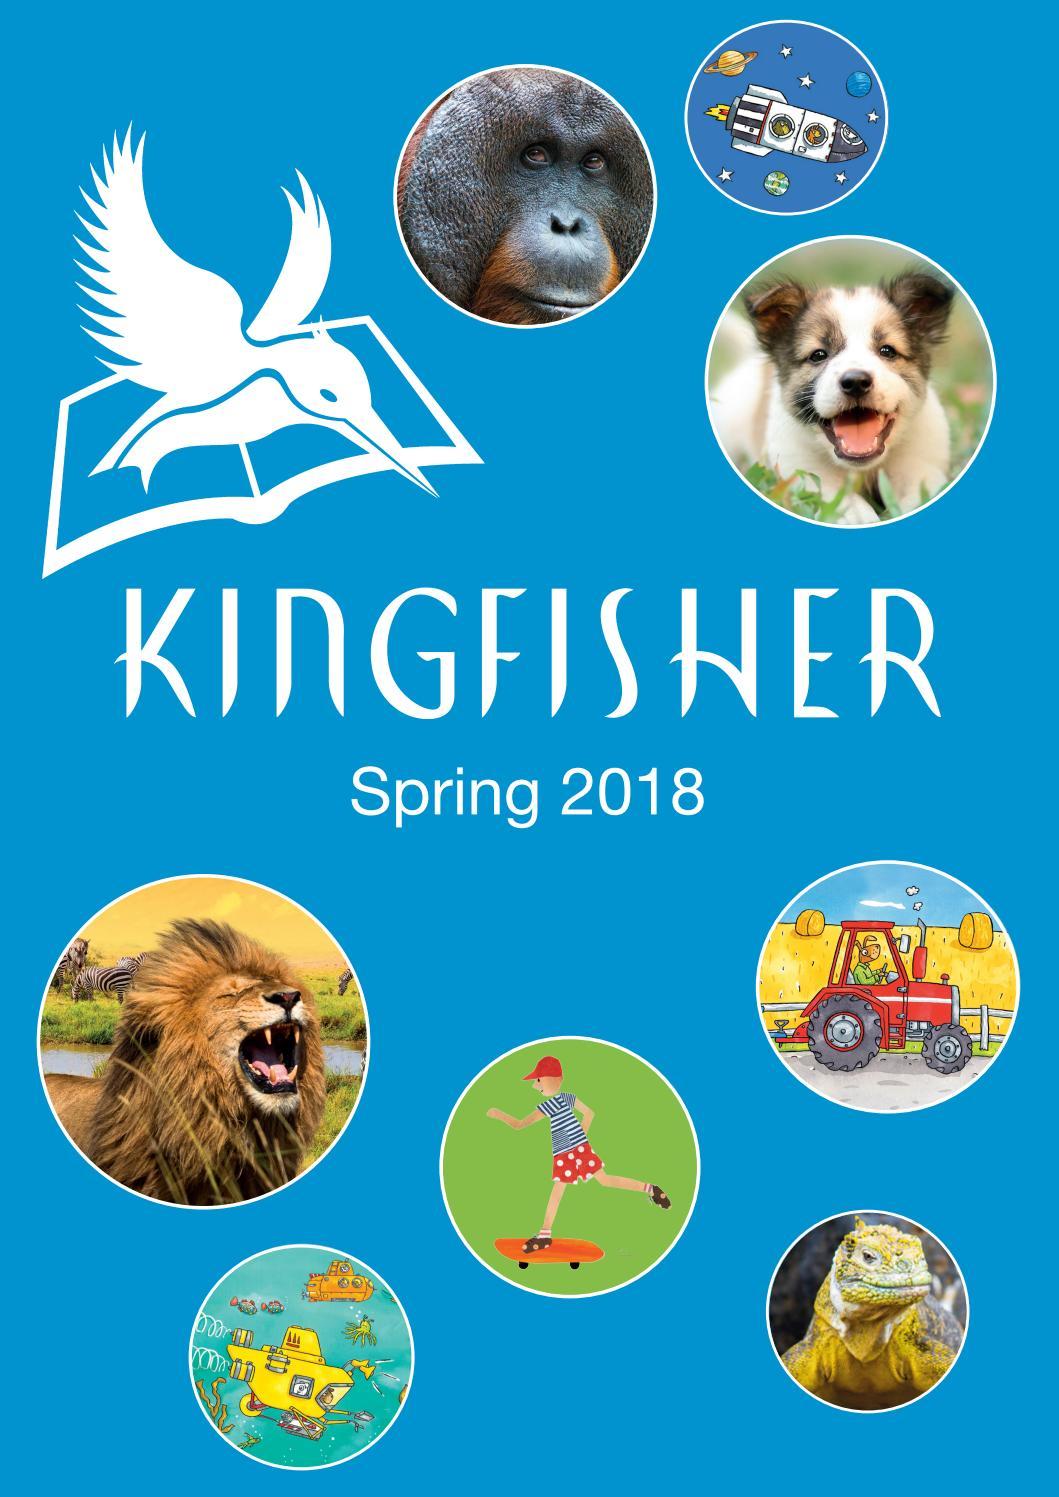 Kingfisher Children's Books 2018 Catalog by Kingfisher - Macmillan - issuu